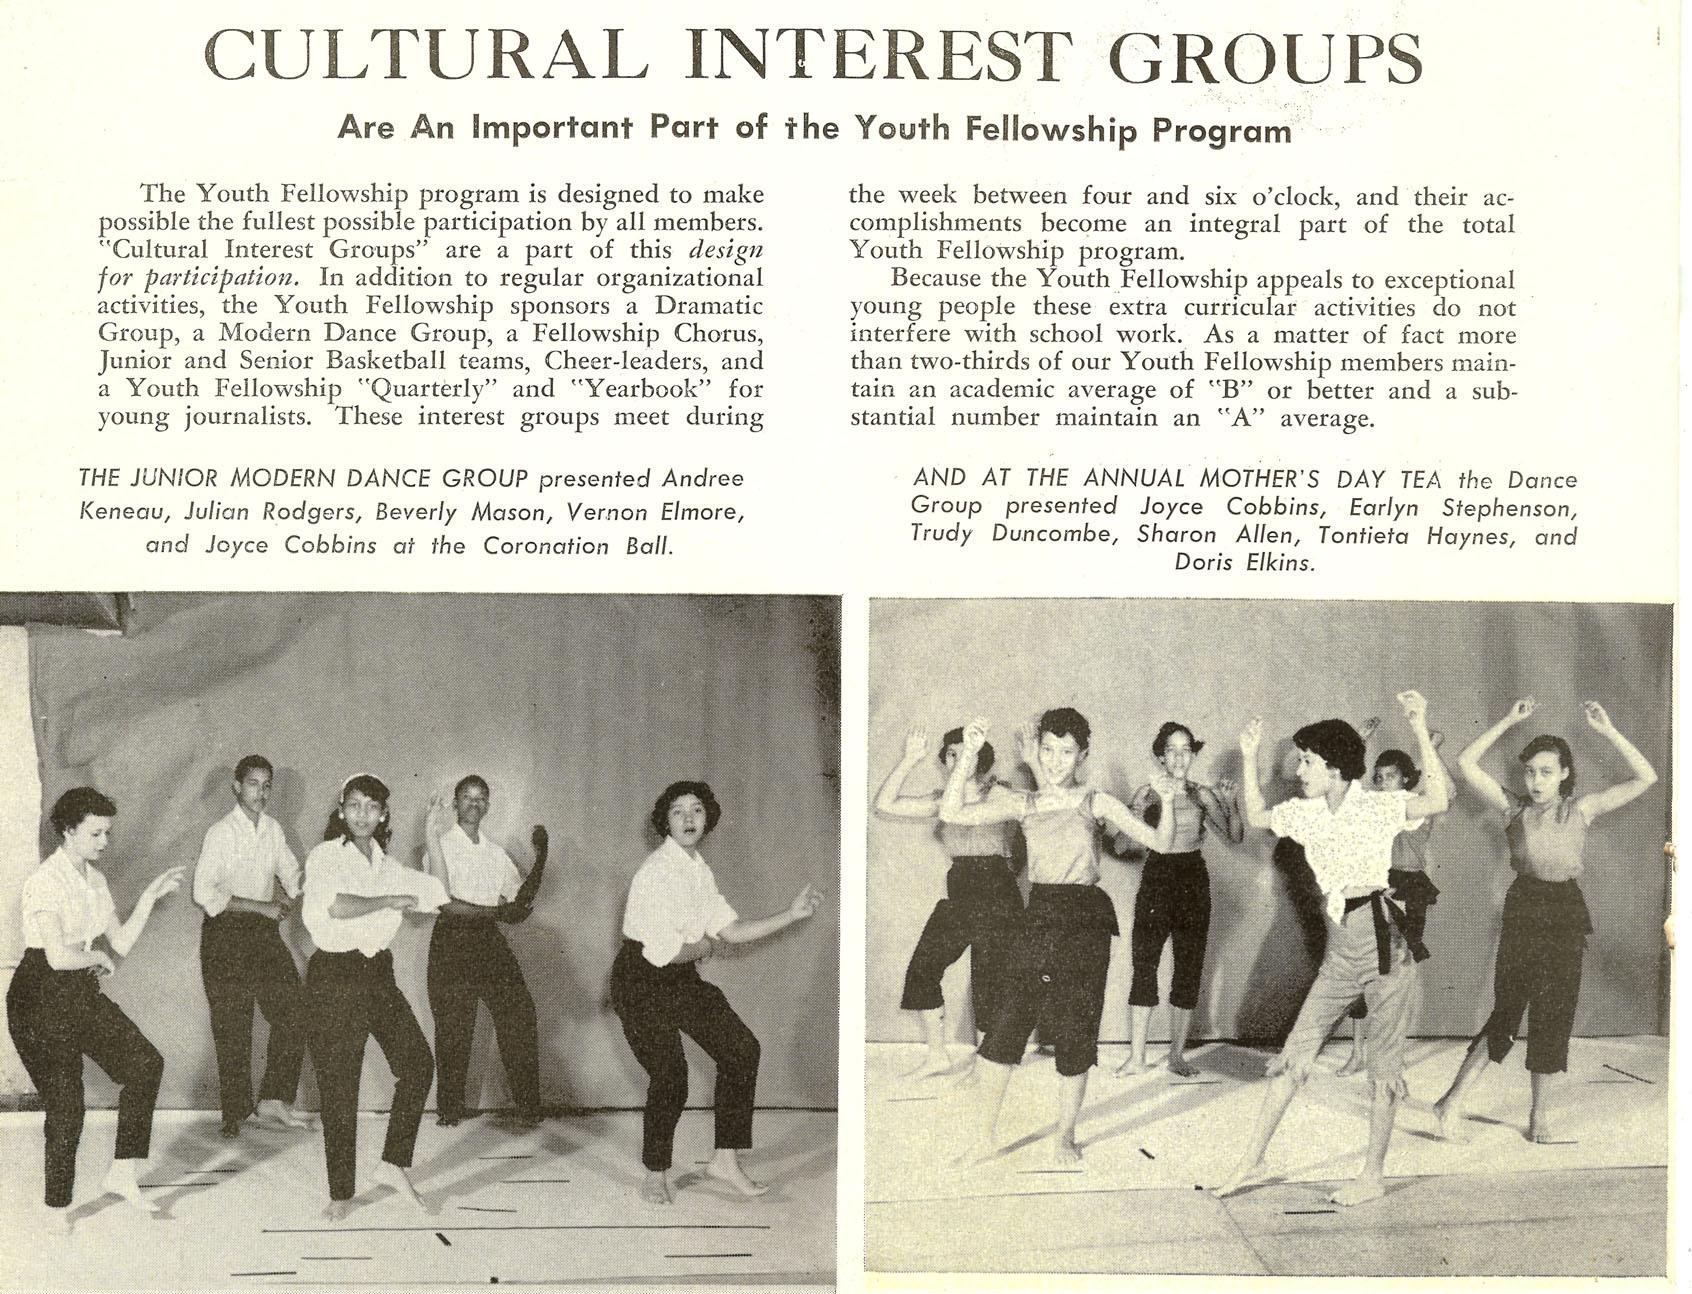 youth_fellowship_modern_dance